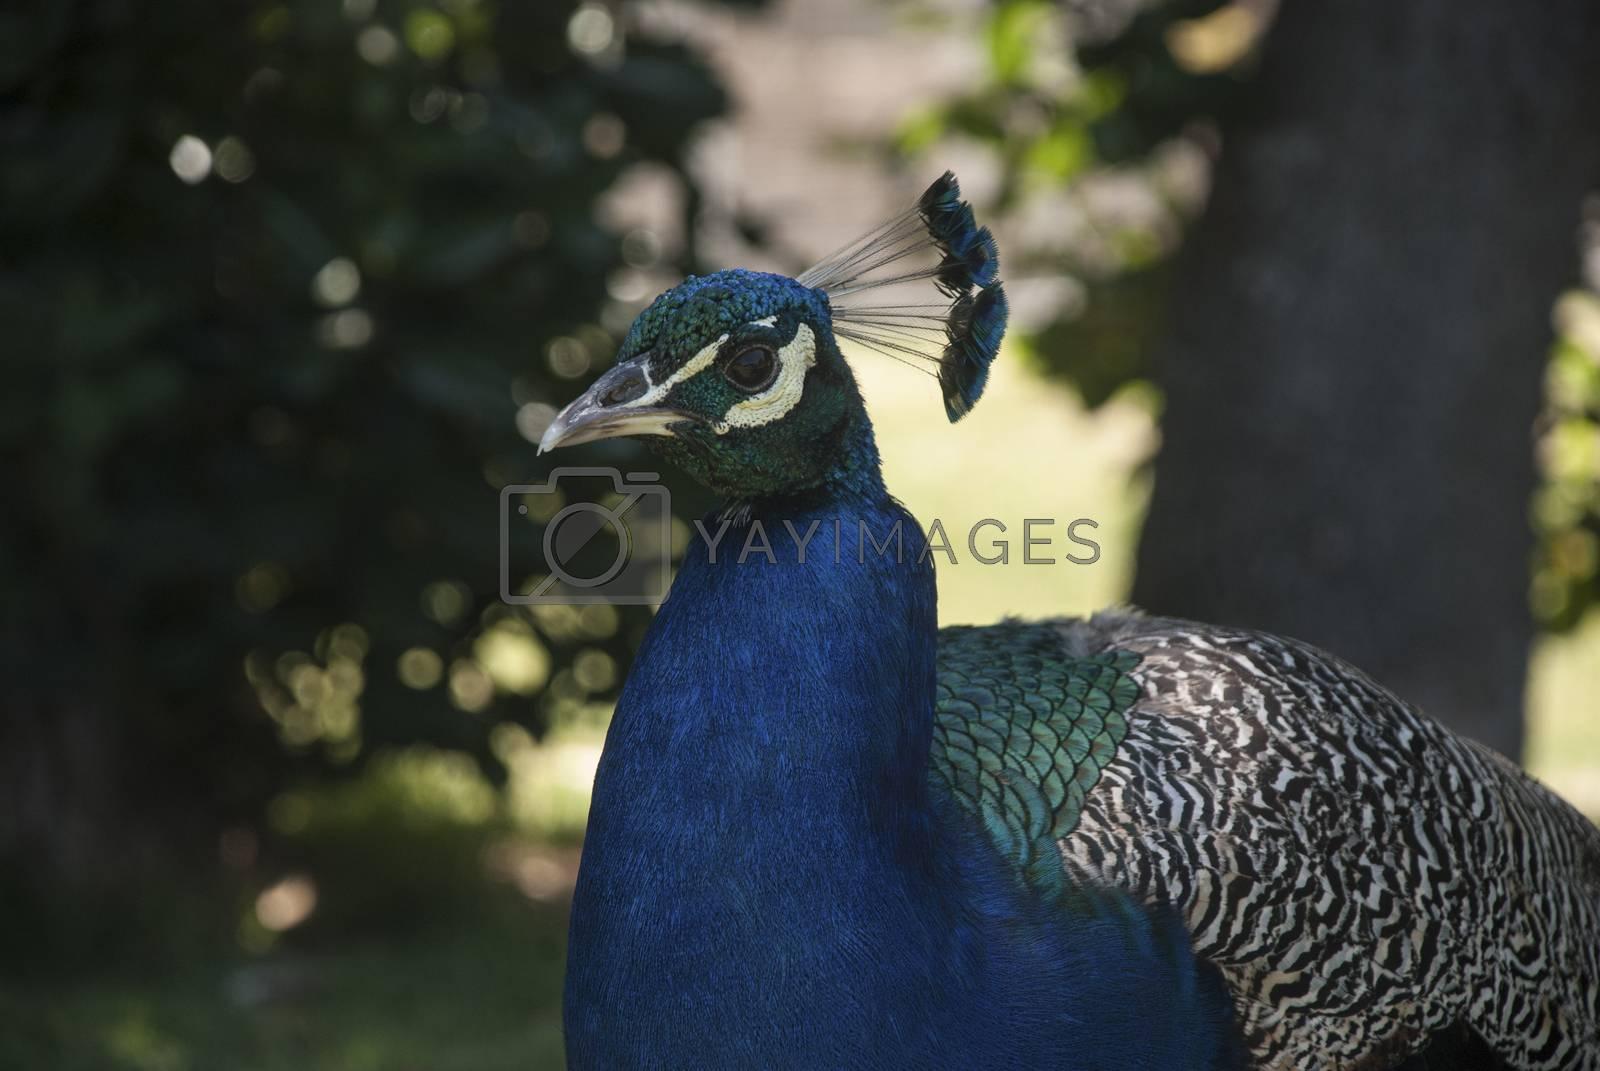 A peacock walks around a garden, South Africa